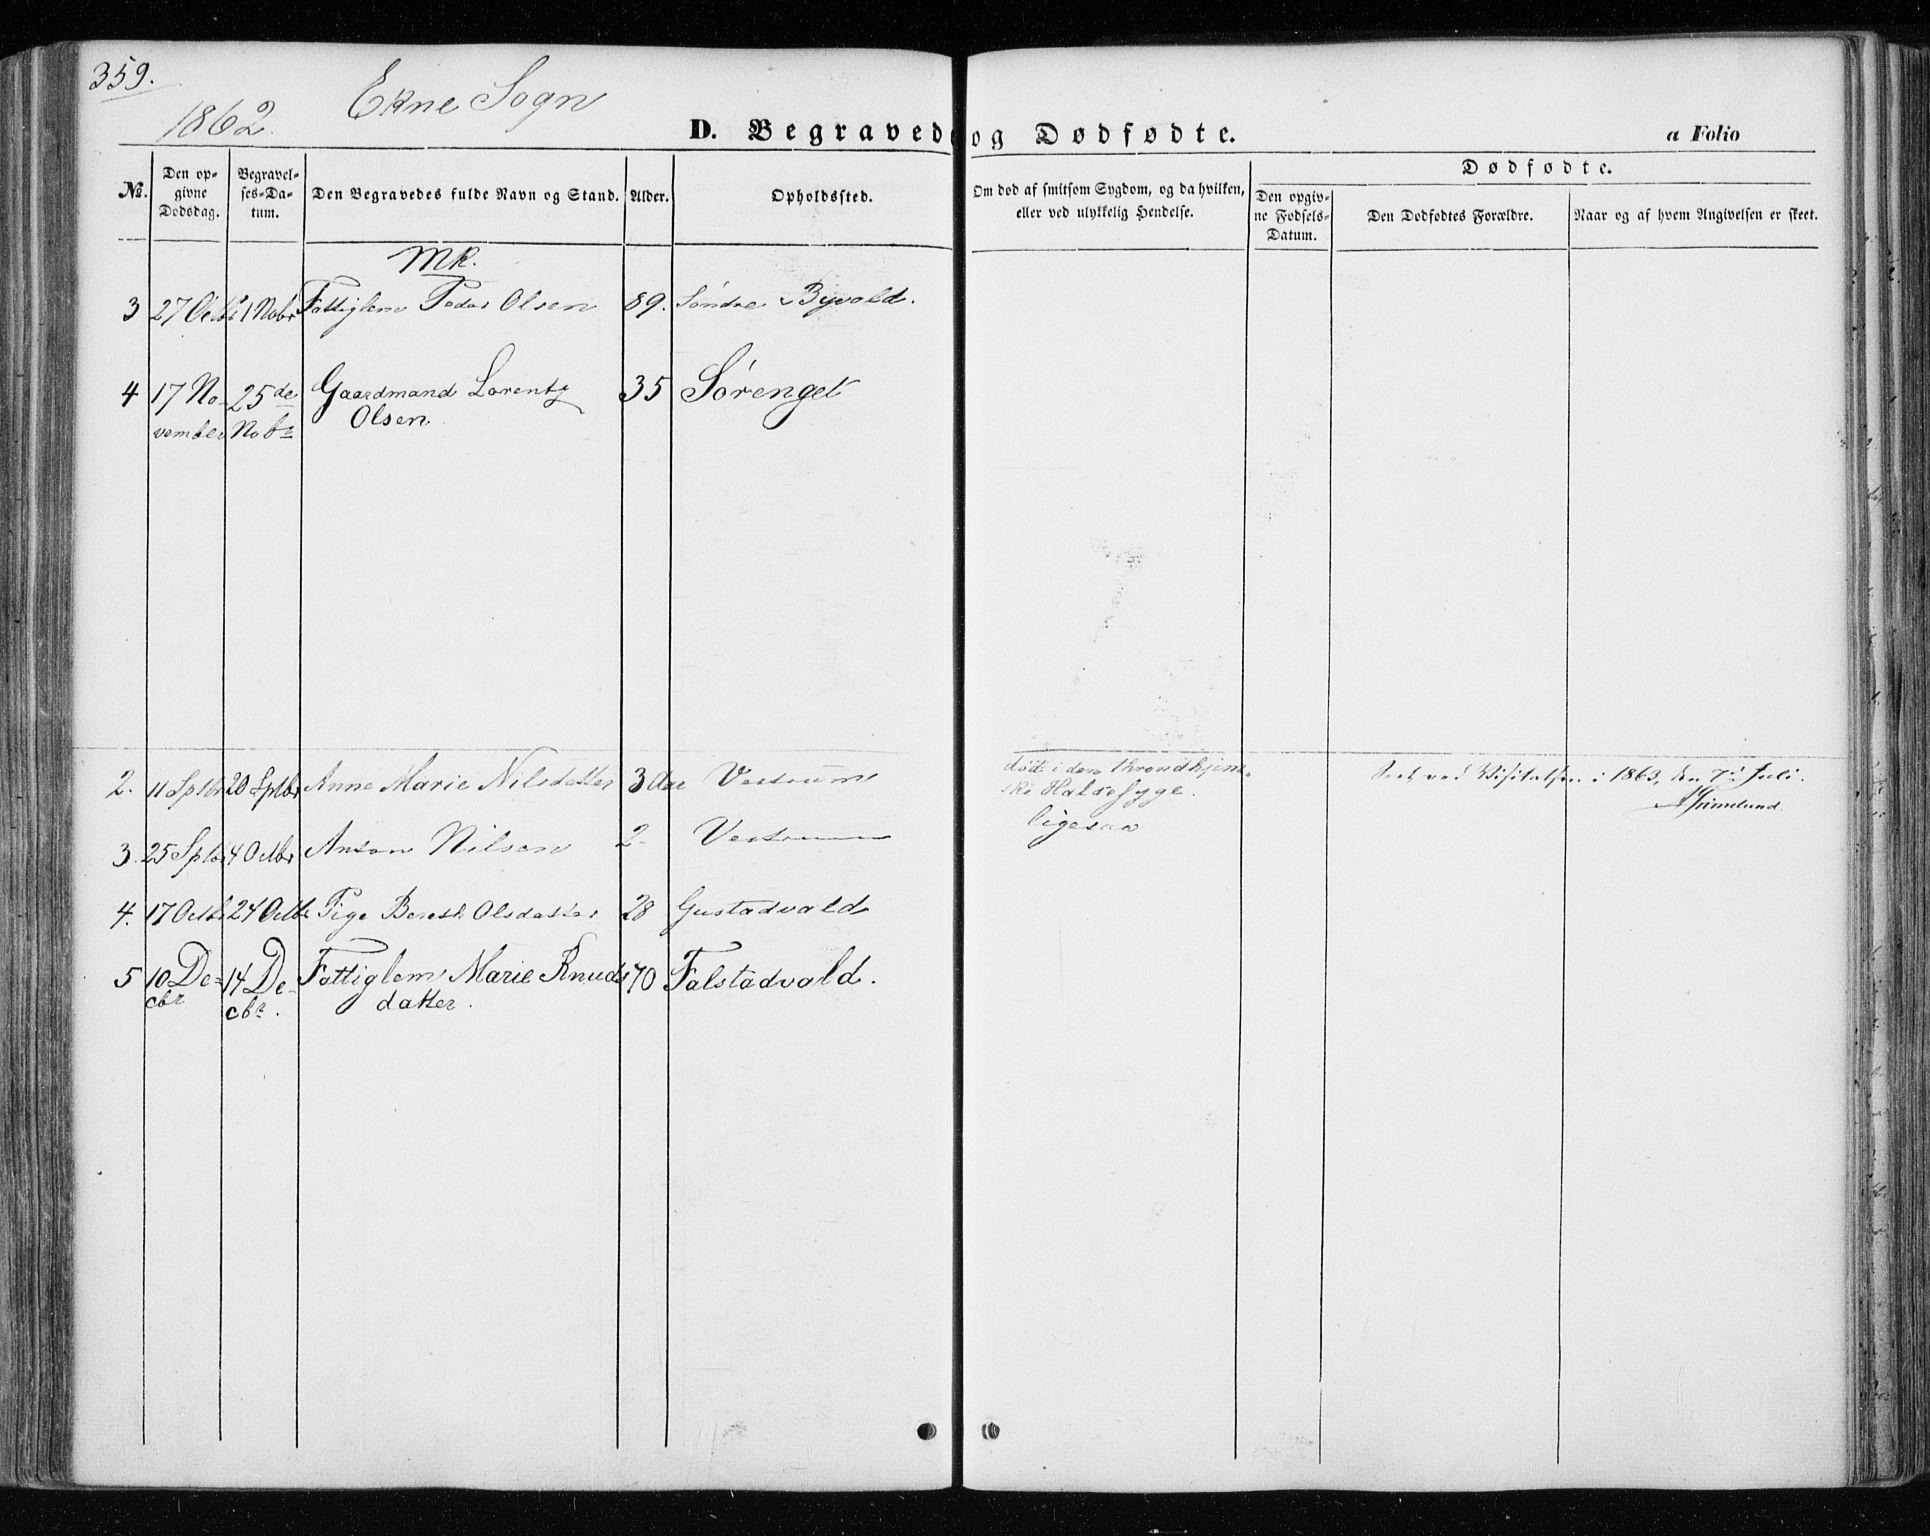 SAT, Ministerialprotokoller, klokkerbøker og fødselsregistre - Nord-Trøndelag, 717/L0154: Ministerialbok nr. 717A07 /3, 1850-1862, s. 359